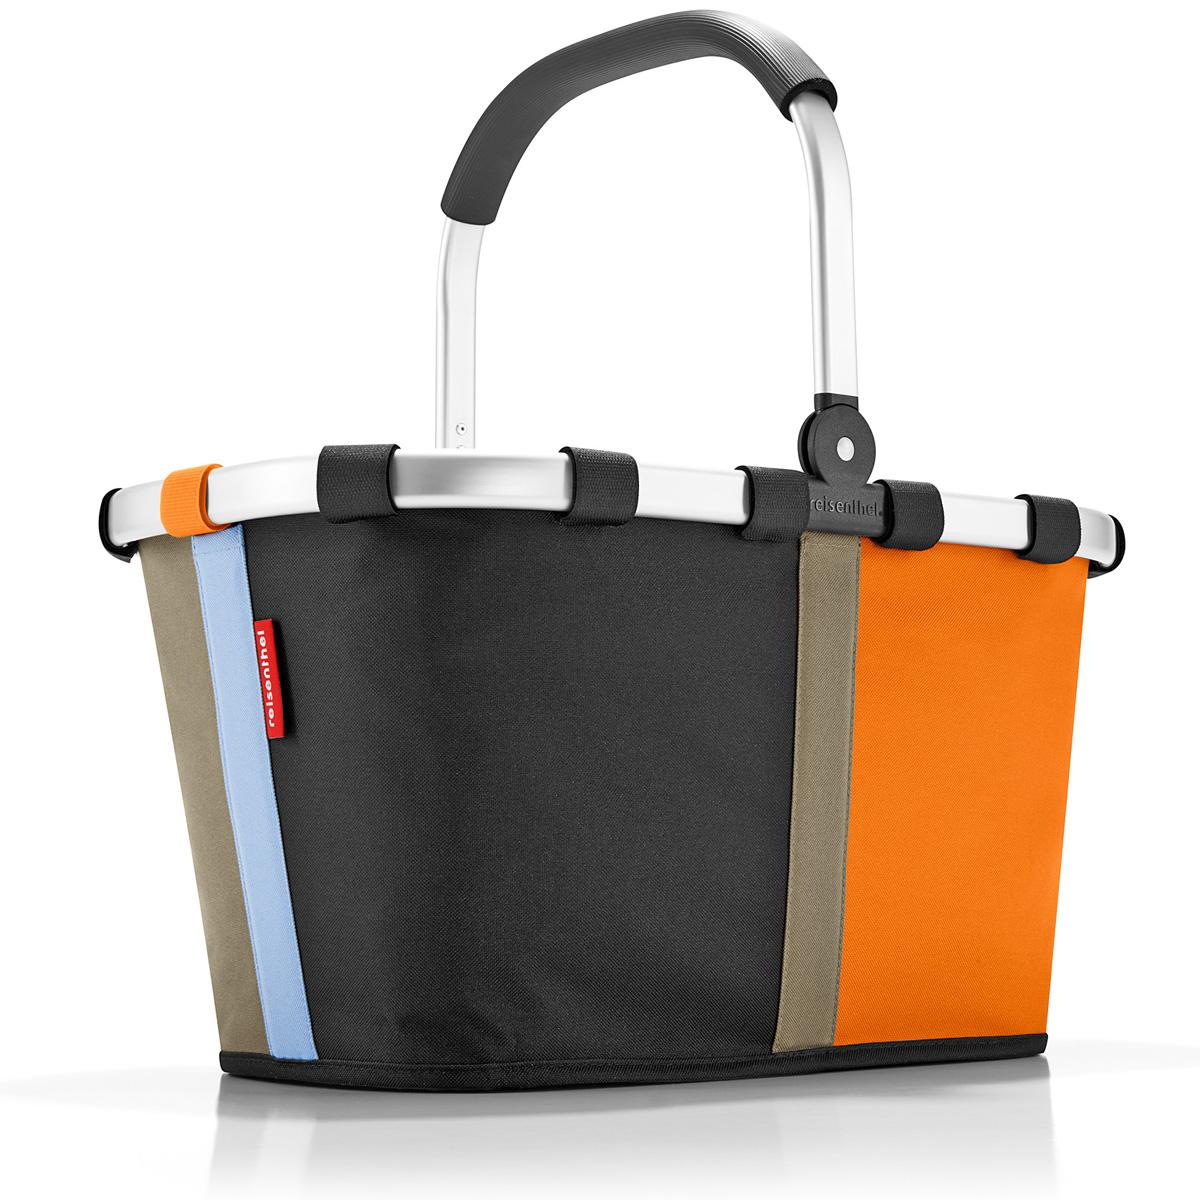 reisenthel carrybag einkaufskorb korb einkaufstasche tragetasche einkaufsbeutel ebay. Black Bedroom Furniture Sets. Home Design Ideas